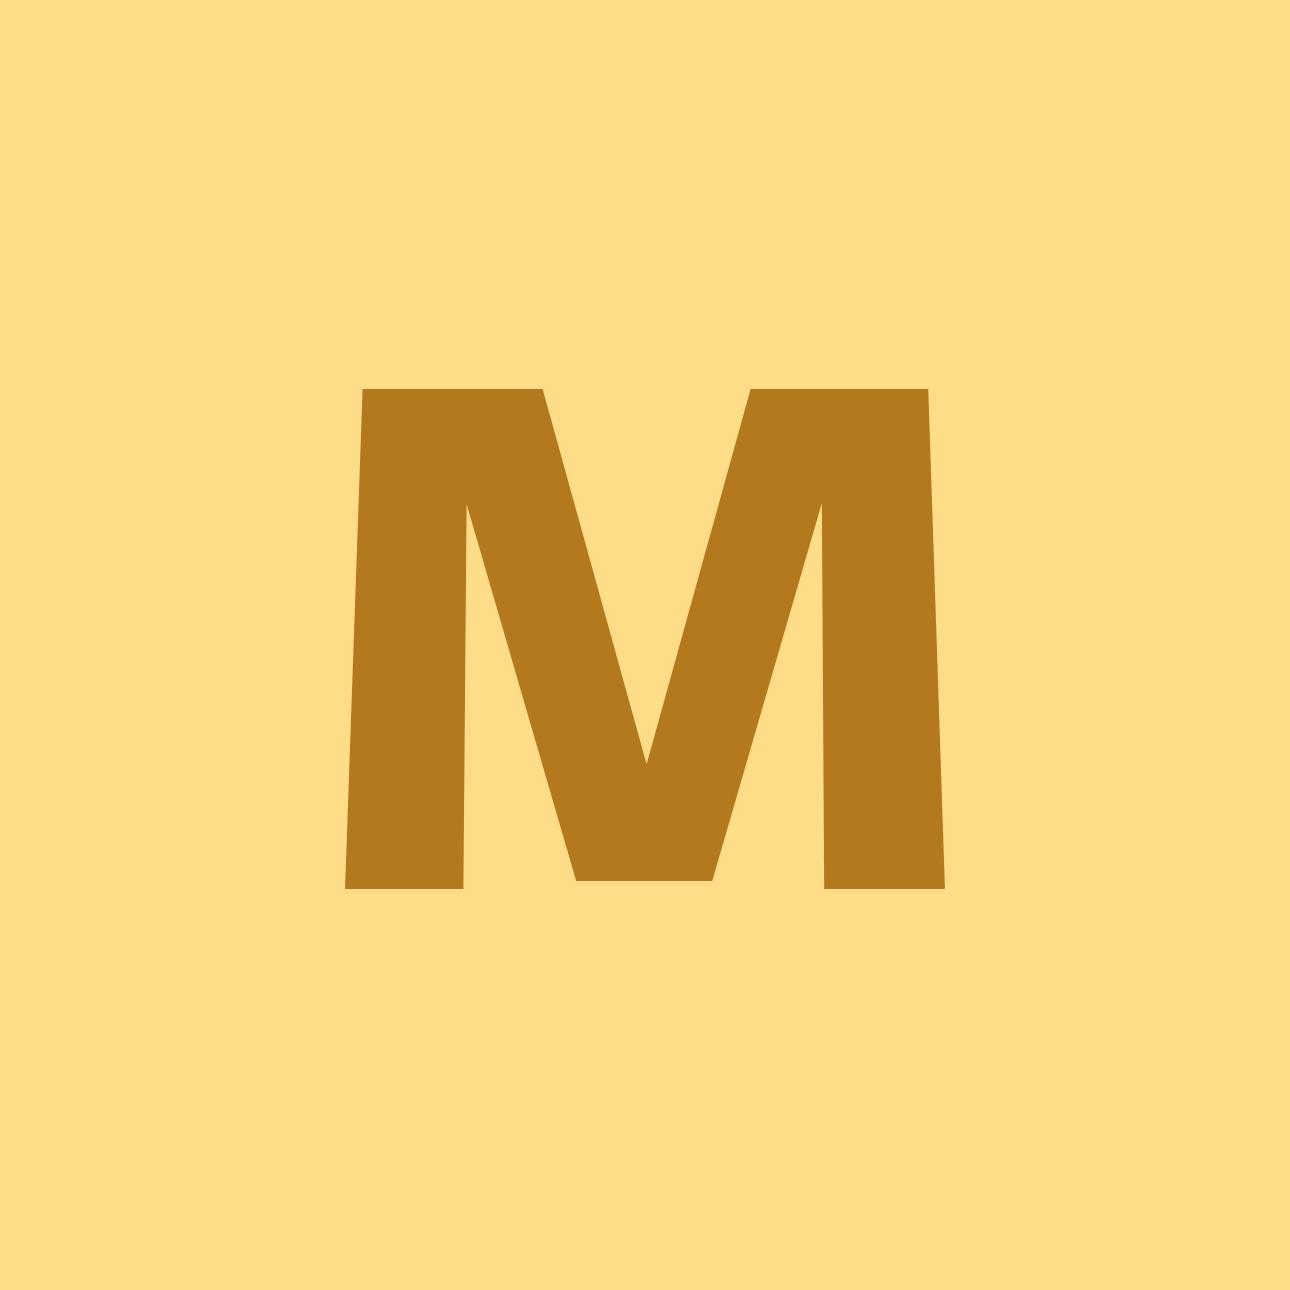 Maynards Industries logo